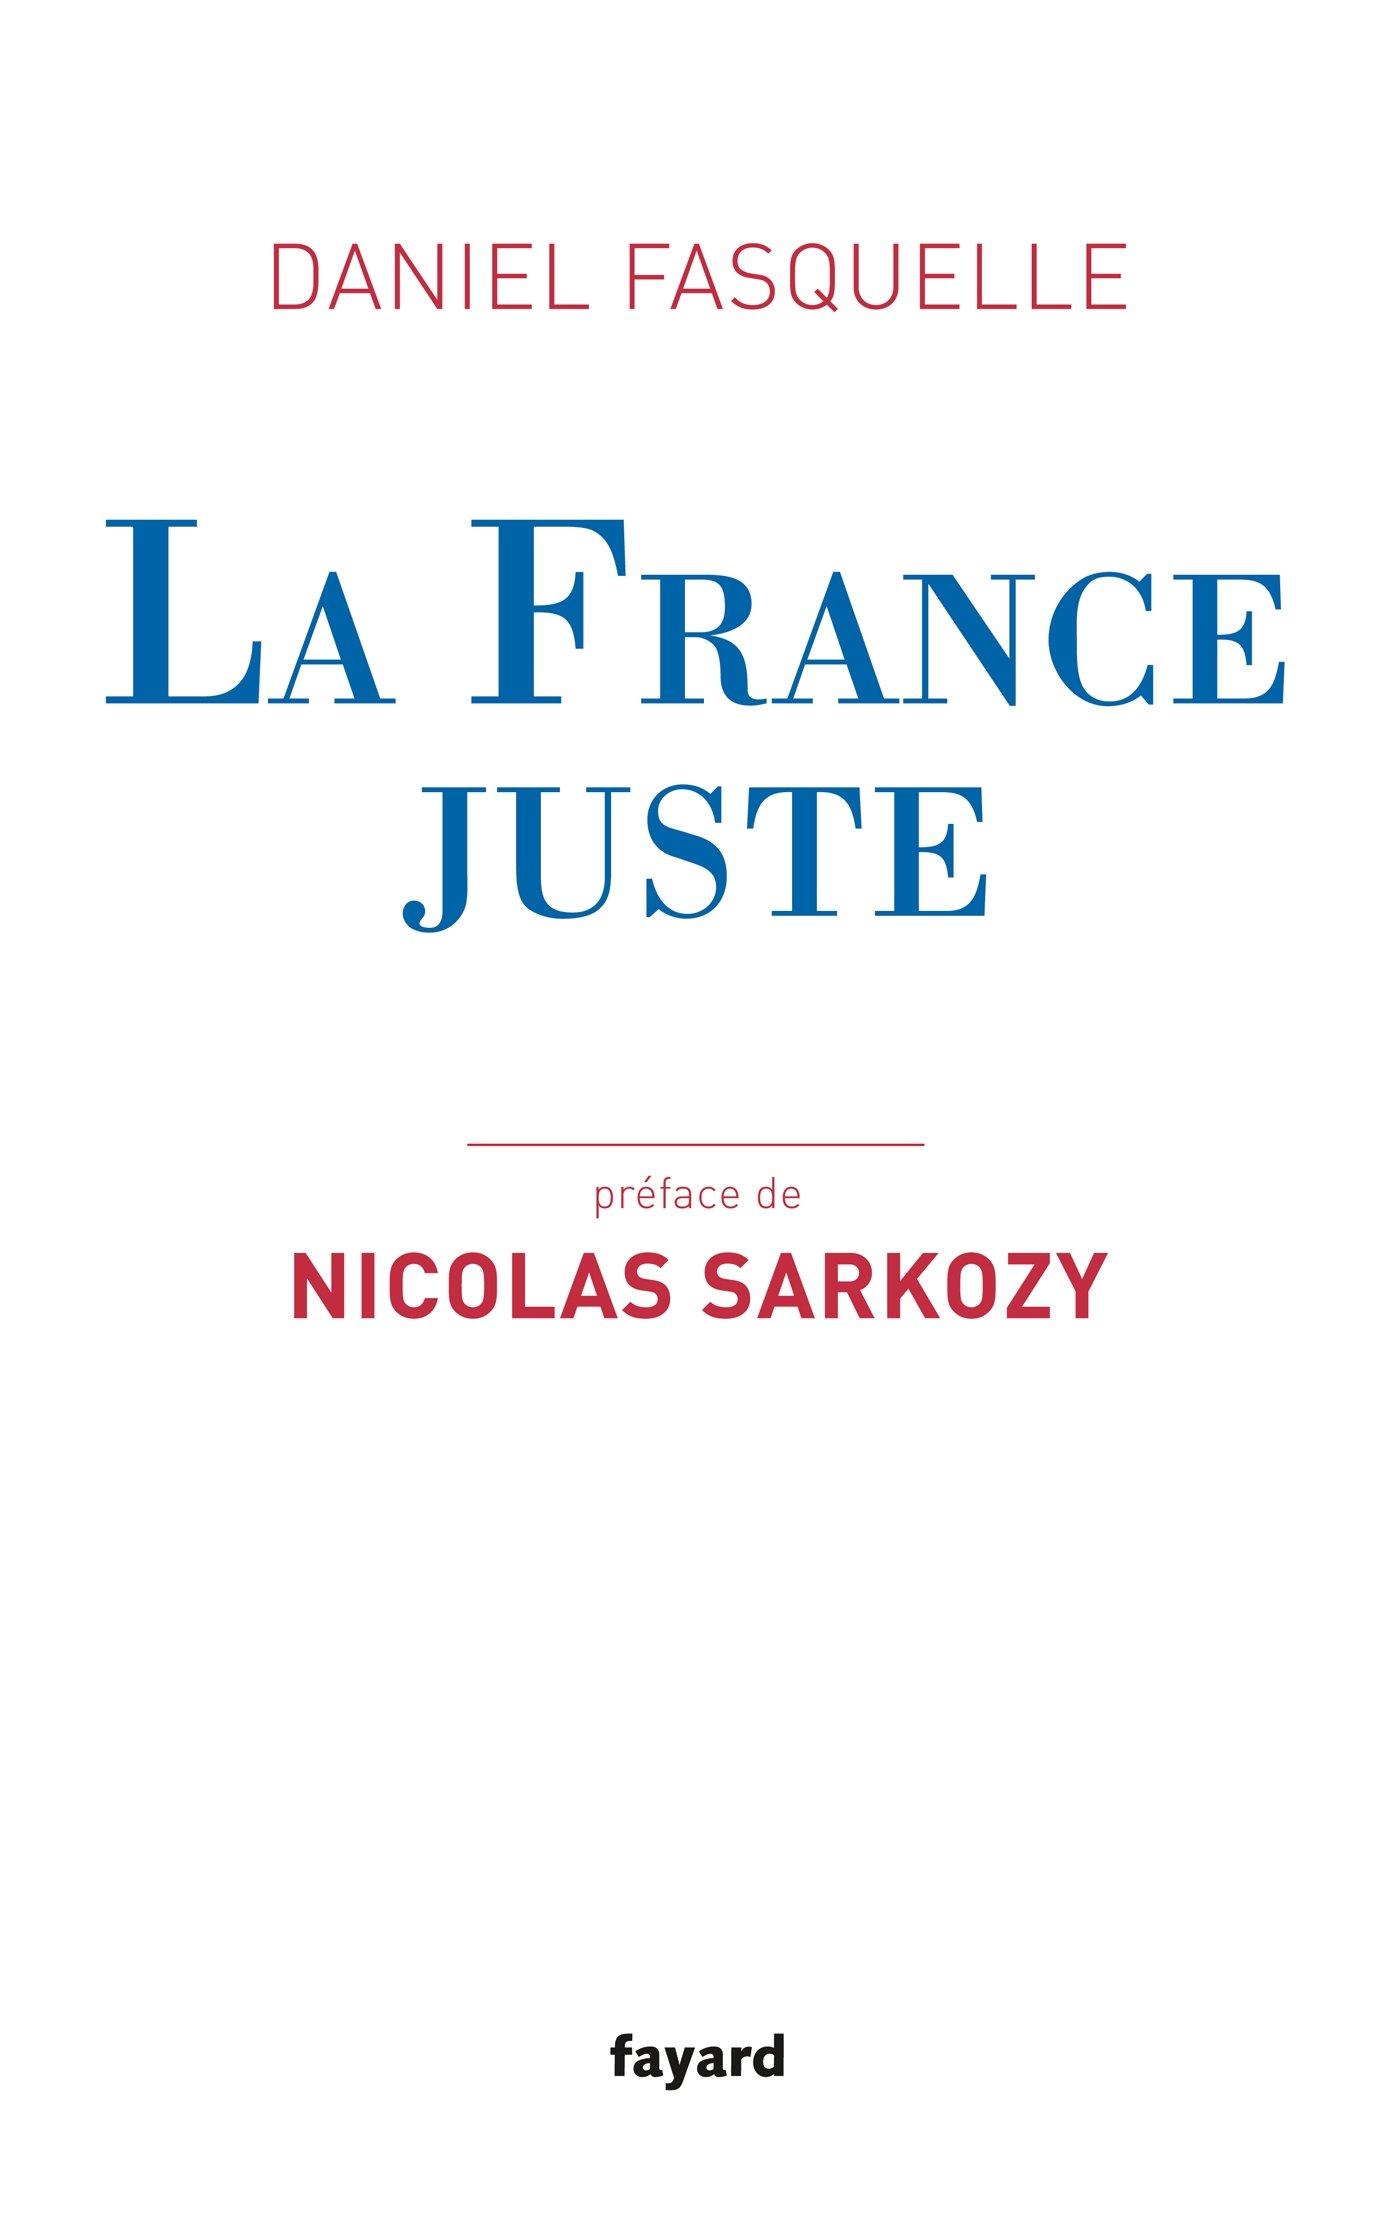 La France juste Broché – 16 septembre 2015 Daniel Fasquelle Fayard 2213686238 Actualités